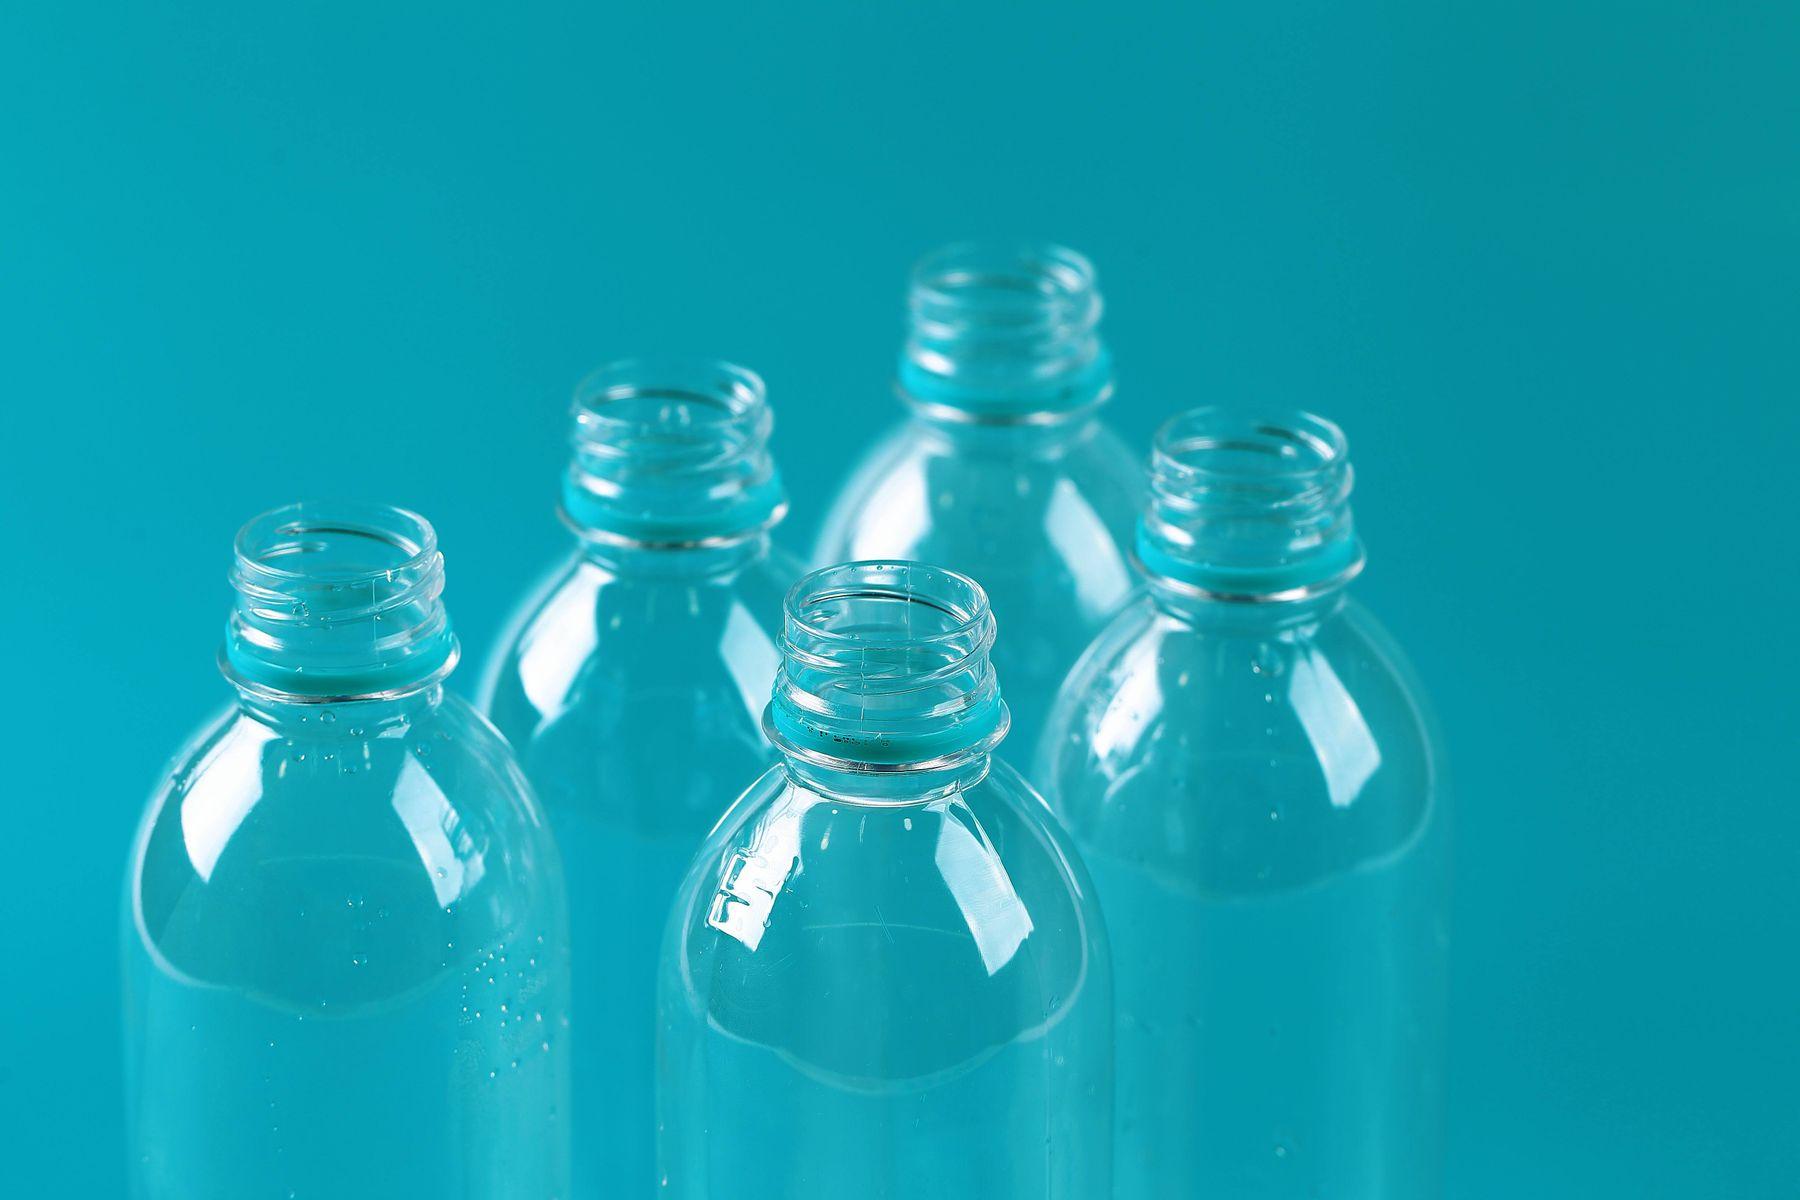 Nhựa tái sinh và nhựa nguyên sinh phân biệt thế nào?